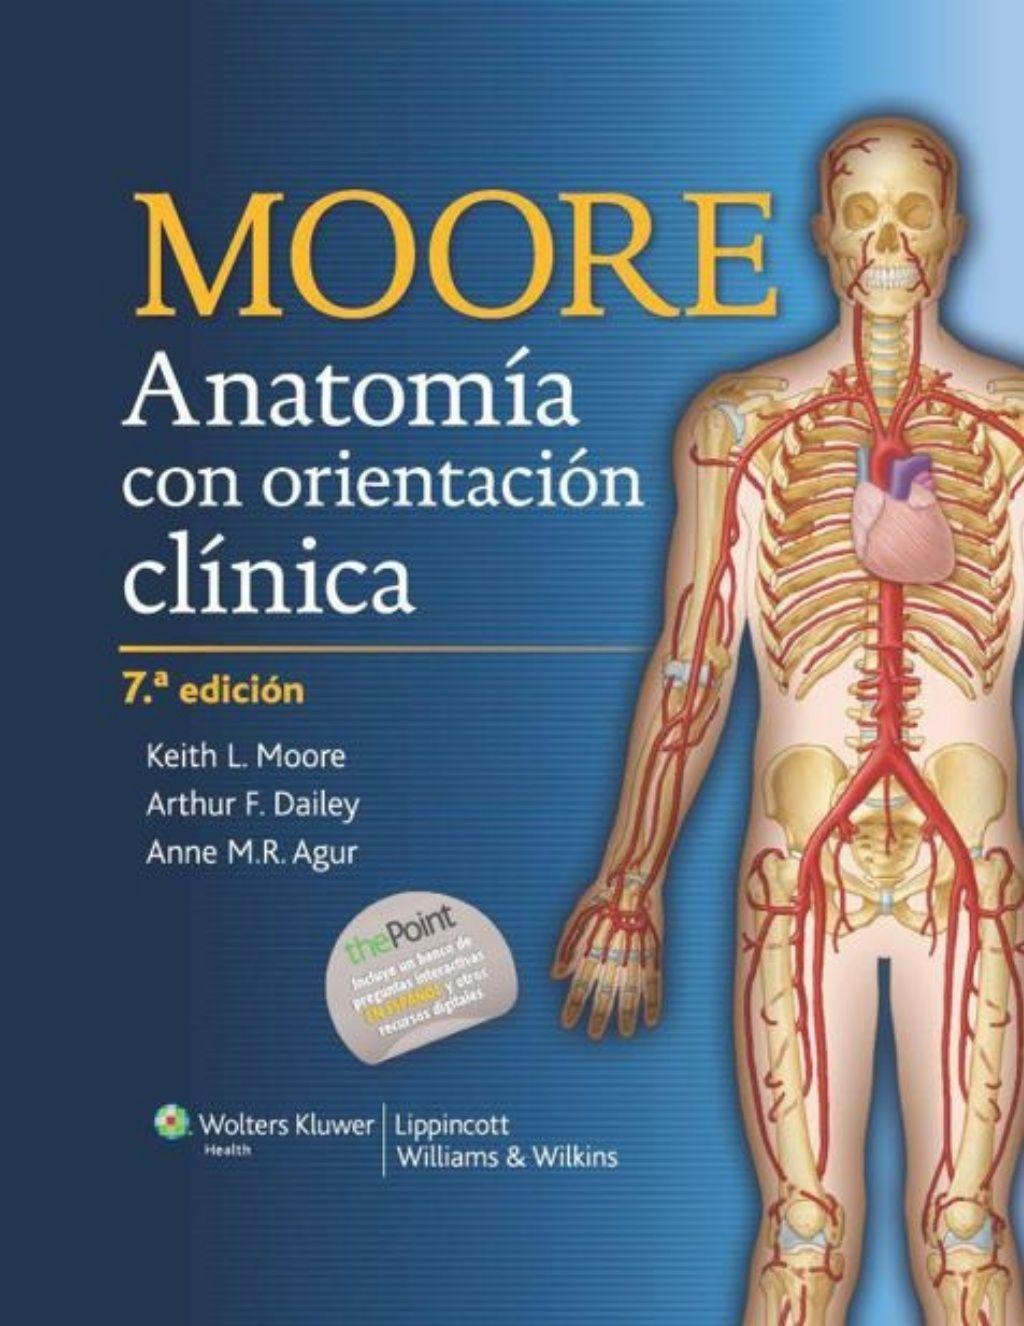 Anatomía con Orientación Clínica de Moore - 7ma edición by in Your ...